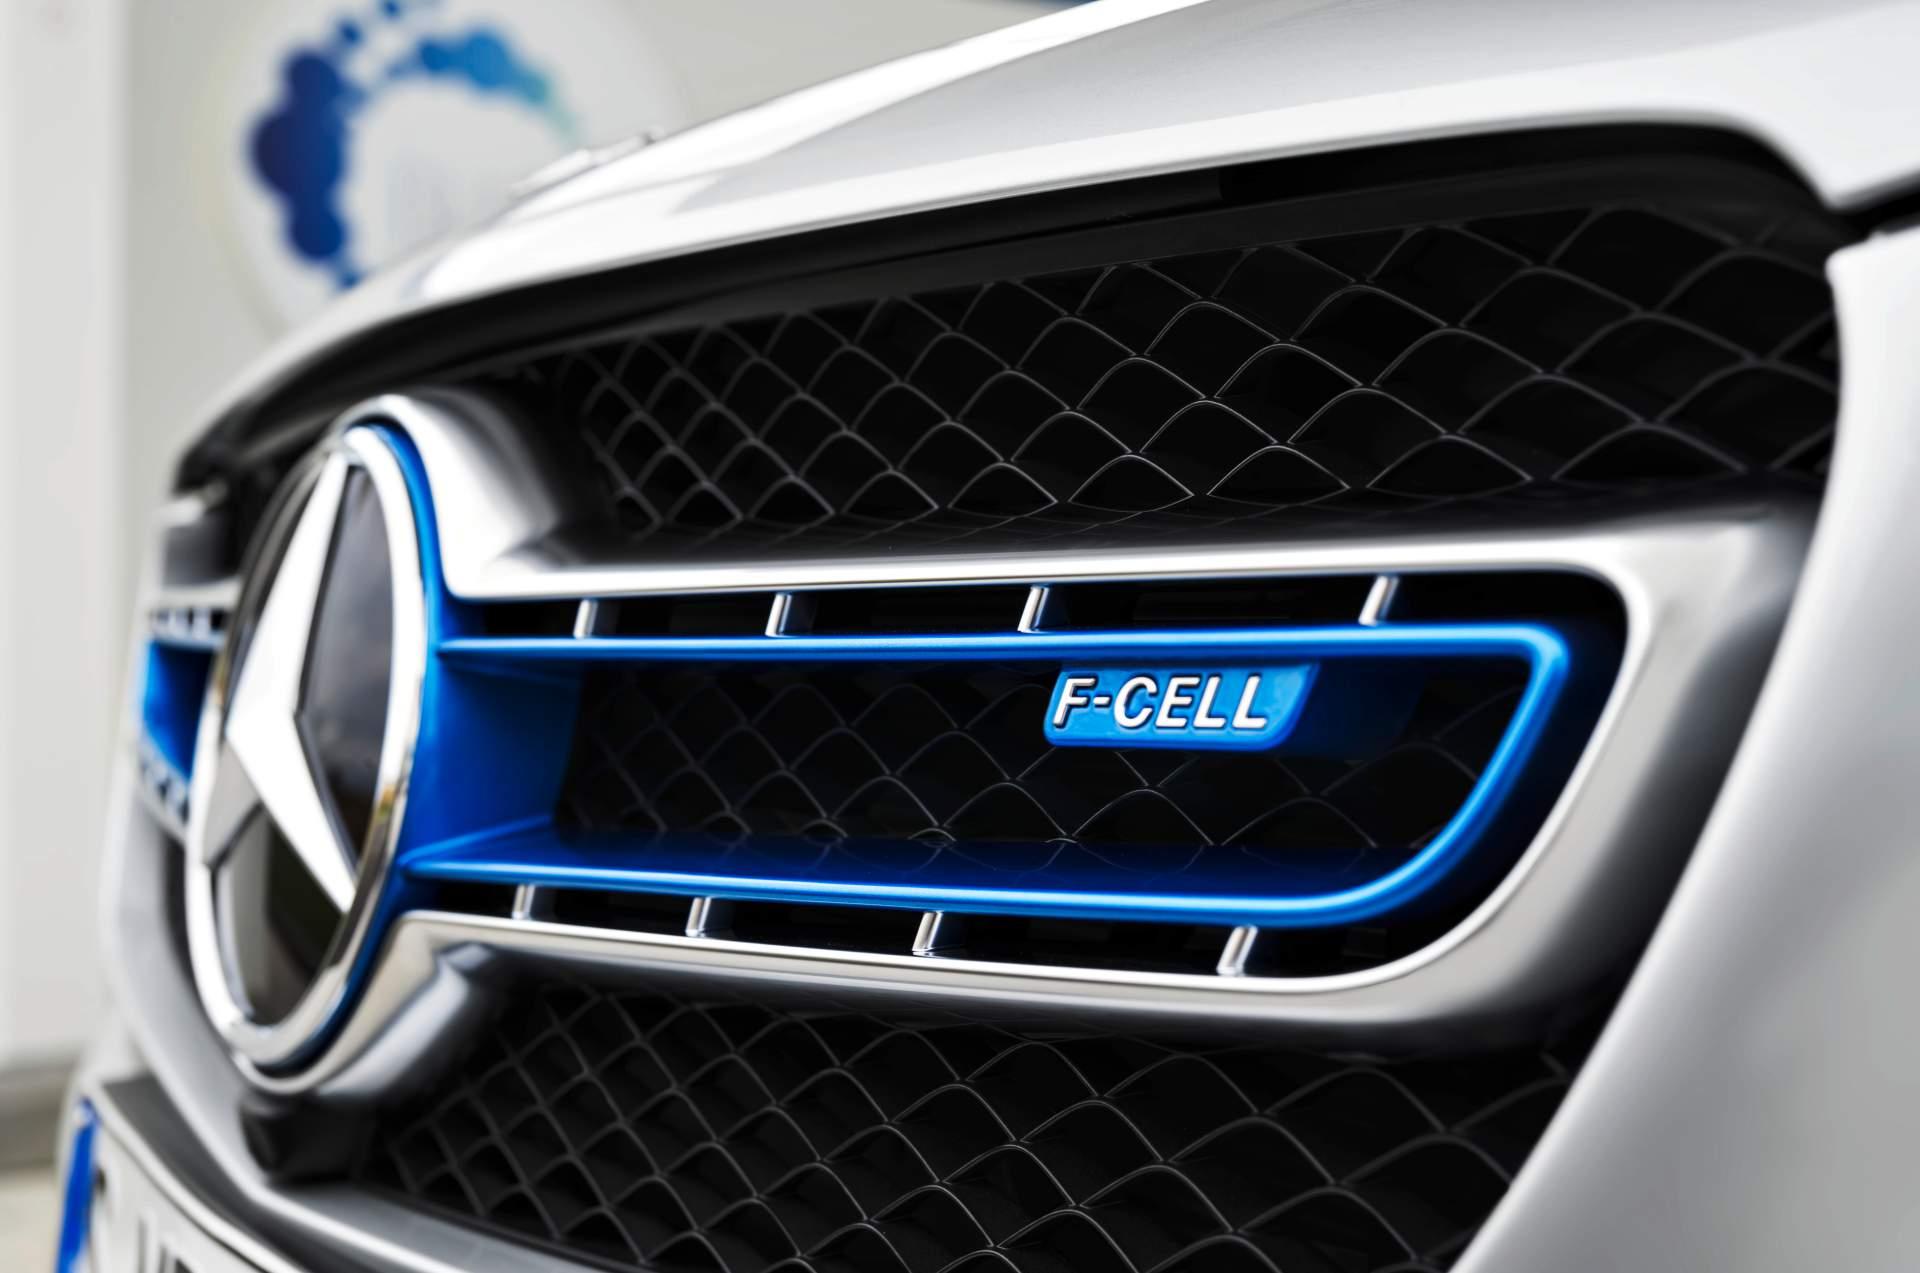 2019_Mercedes_GLC_F-Cell_0006